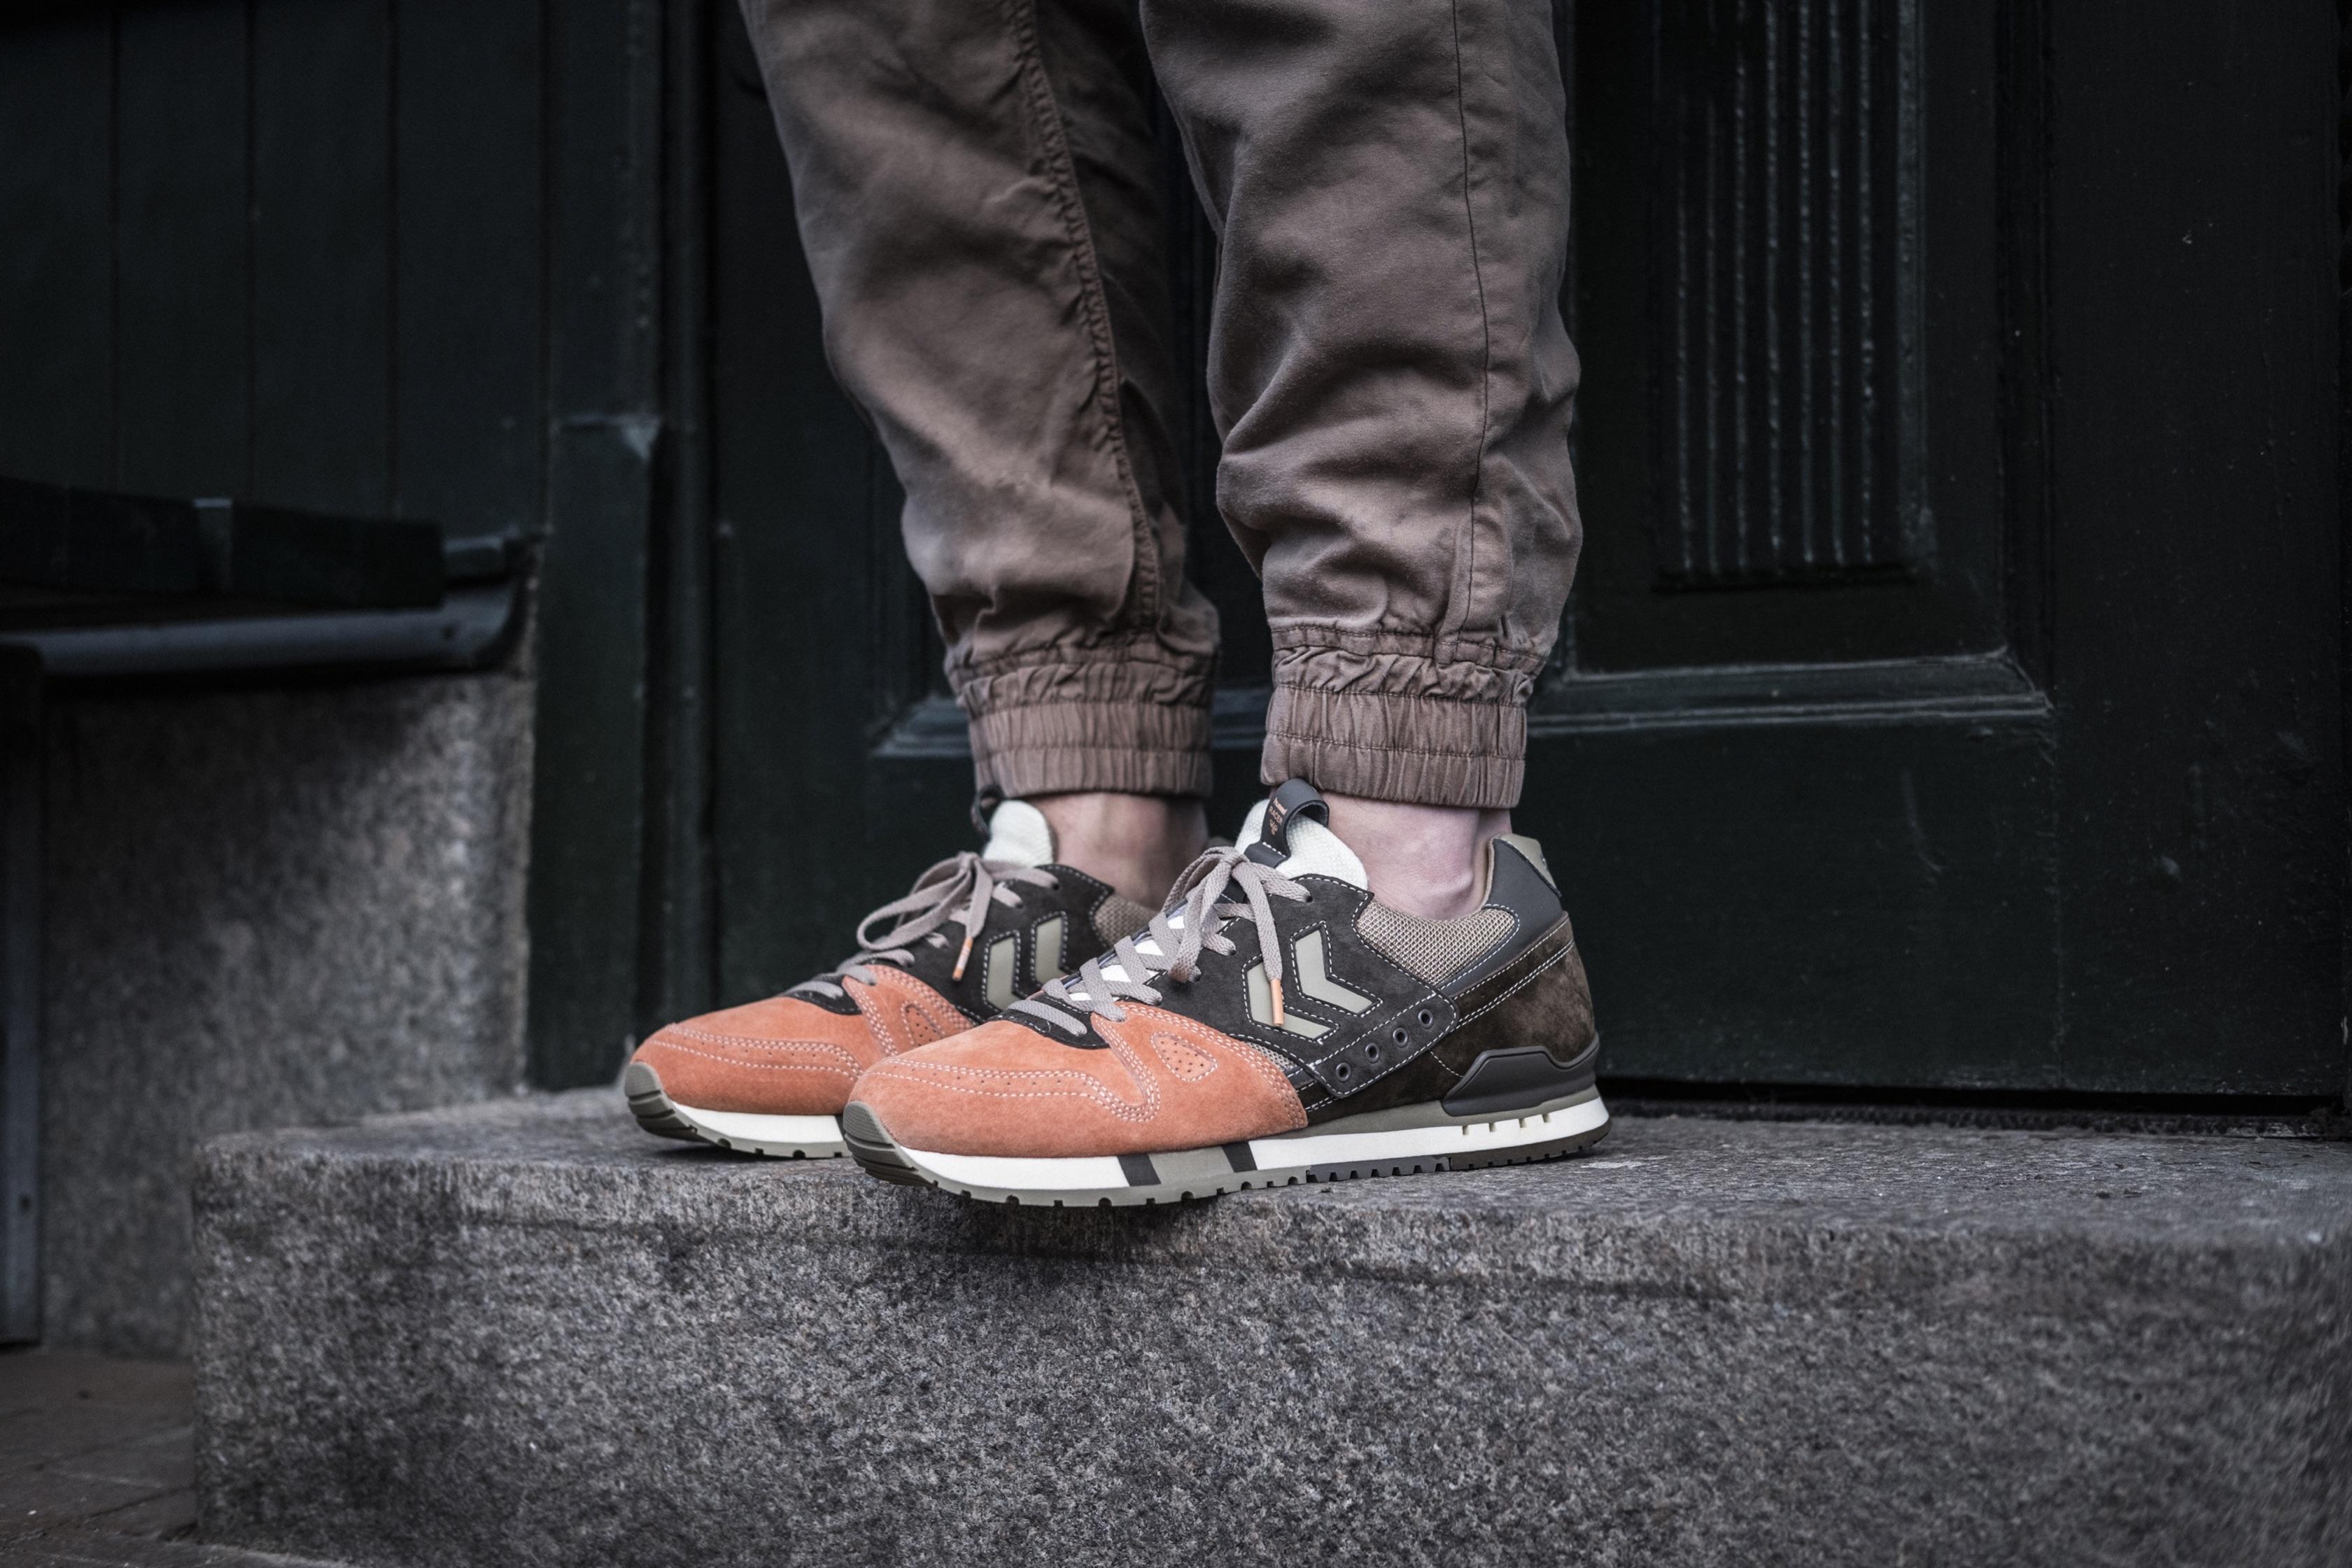 hummel-x-mita-sneakers_03